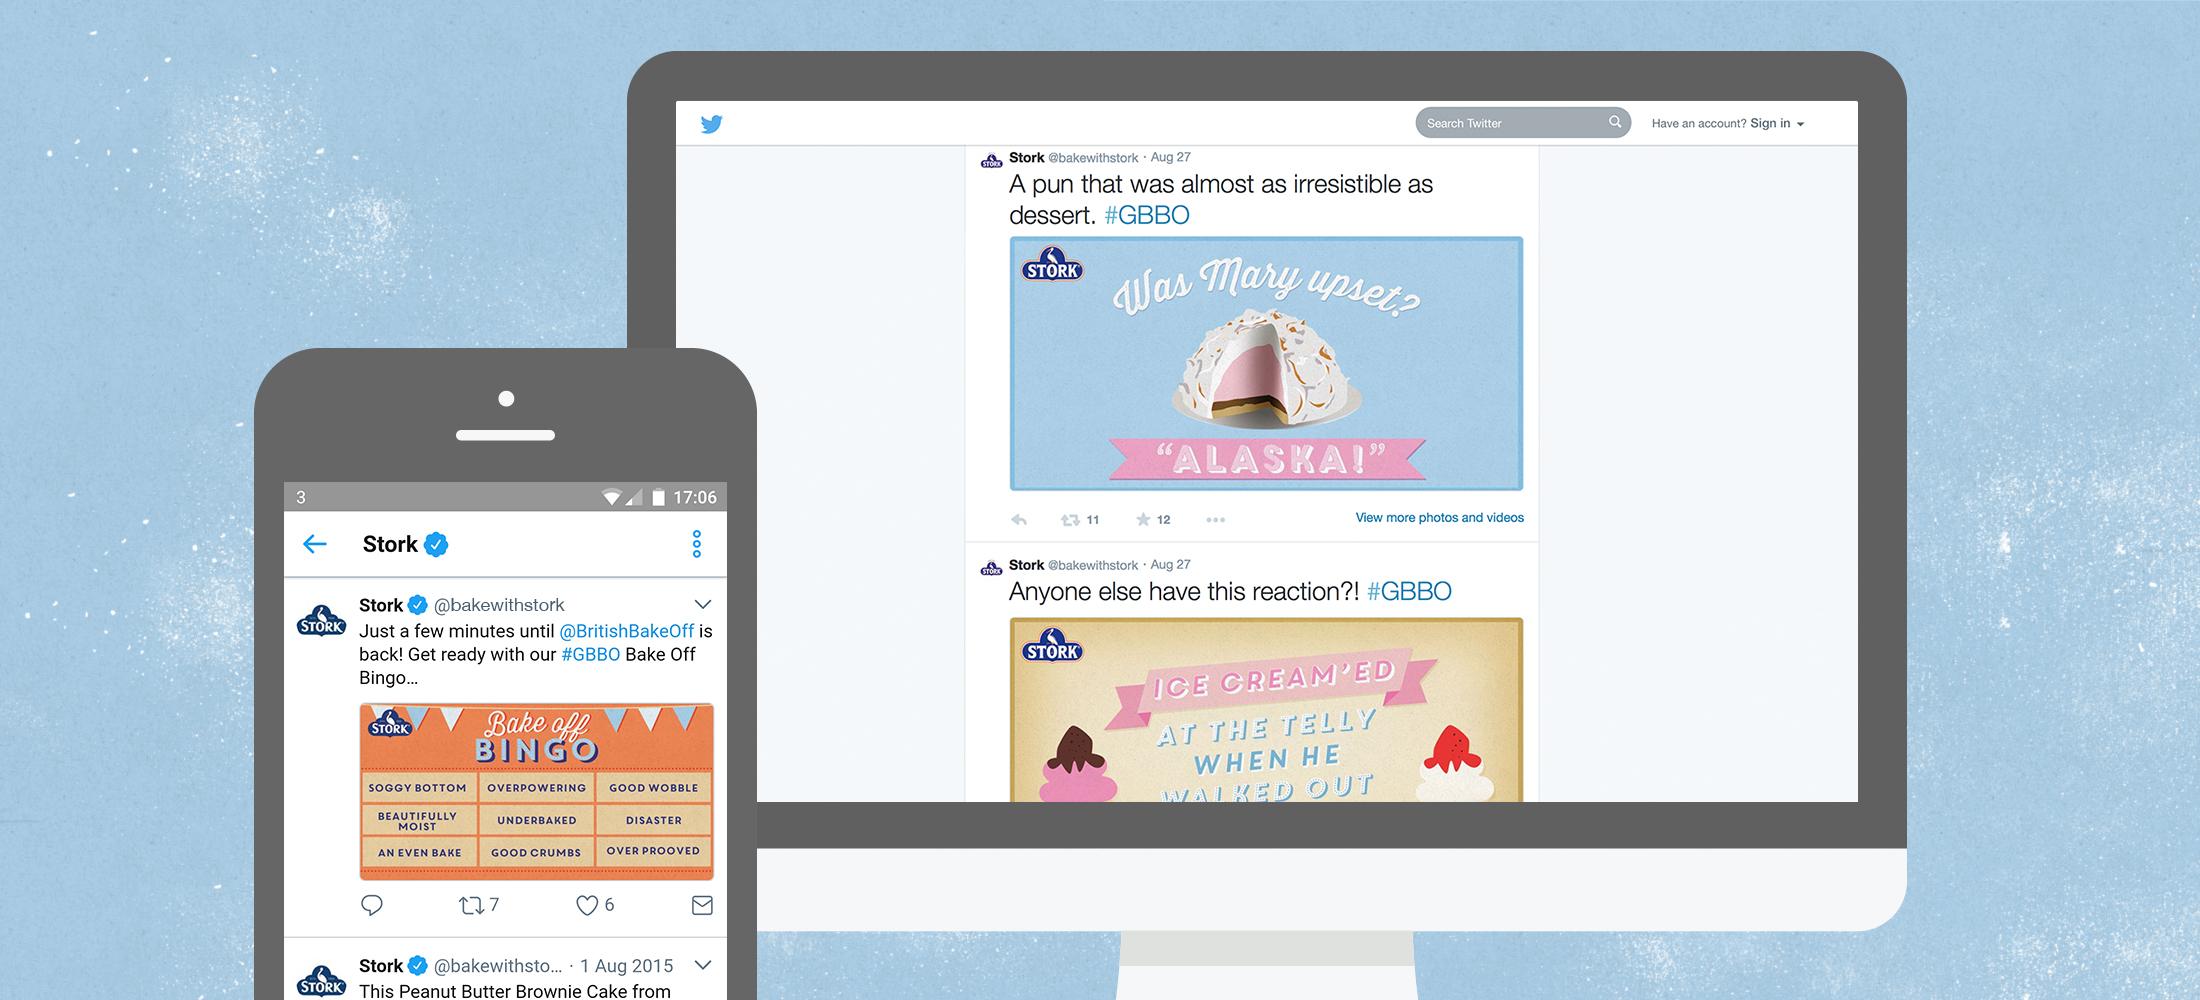 Stork_Twitter_header_image_mockup.jpg